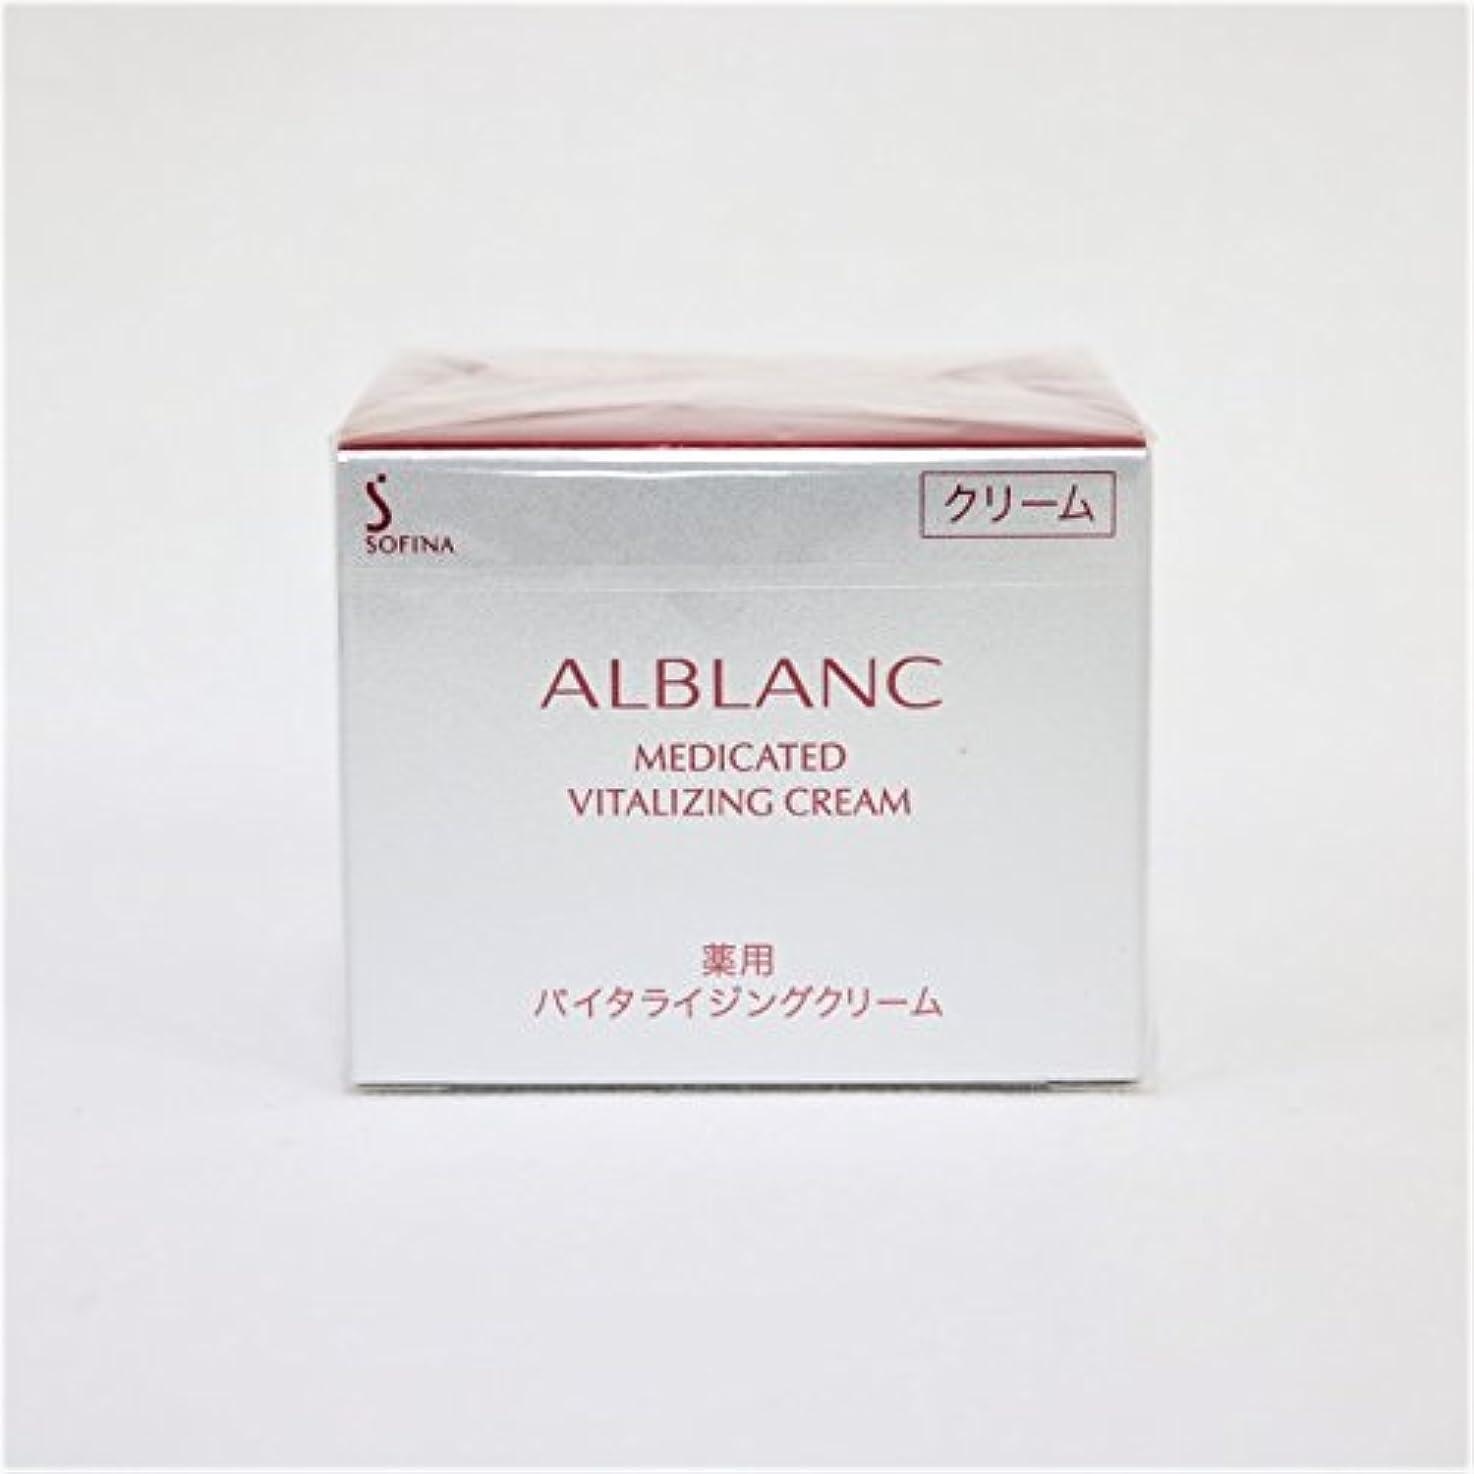 試すへこみ思想ソフィーナ アルブラン 薬用バイタライジングクリーム 40g